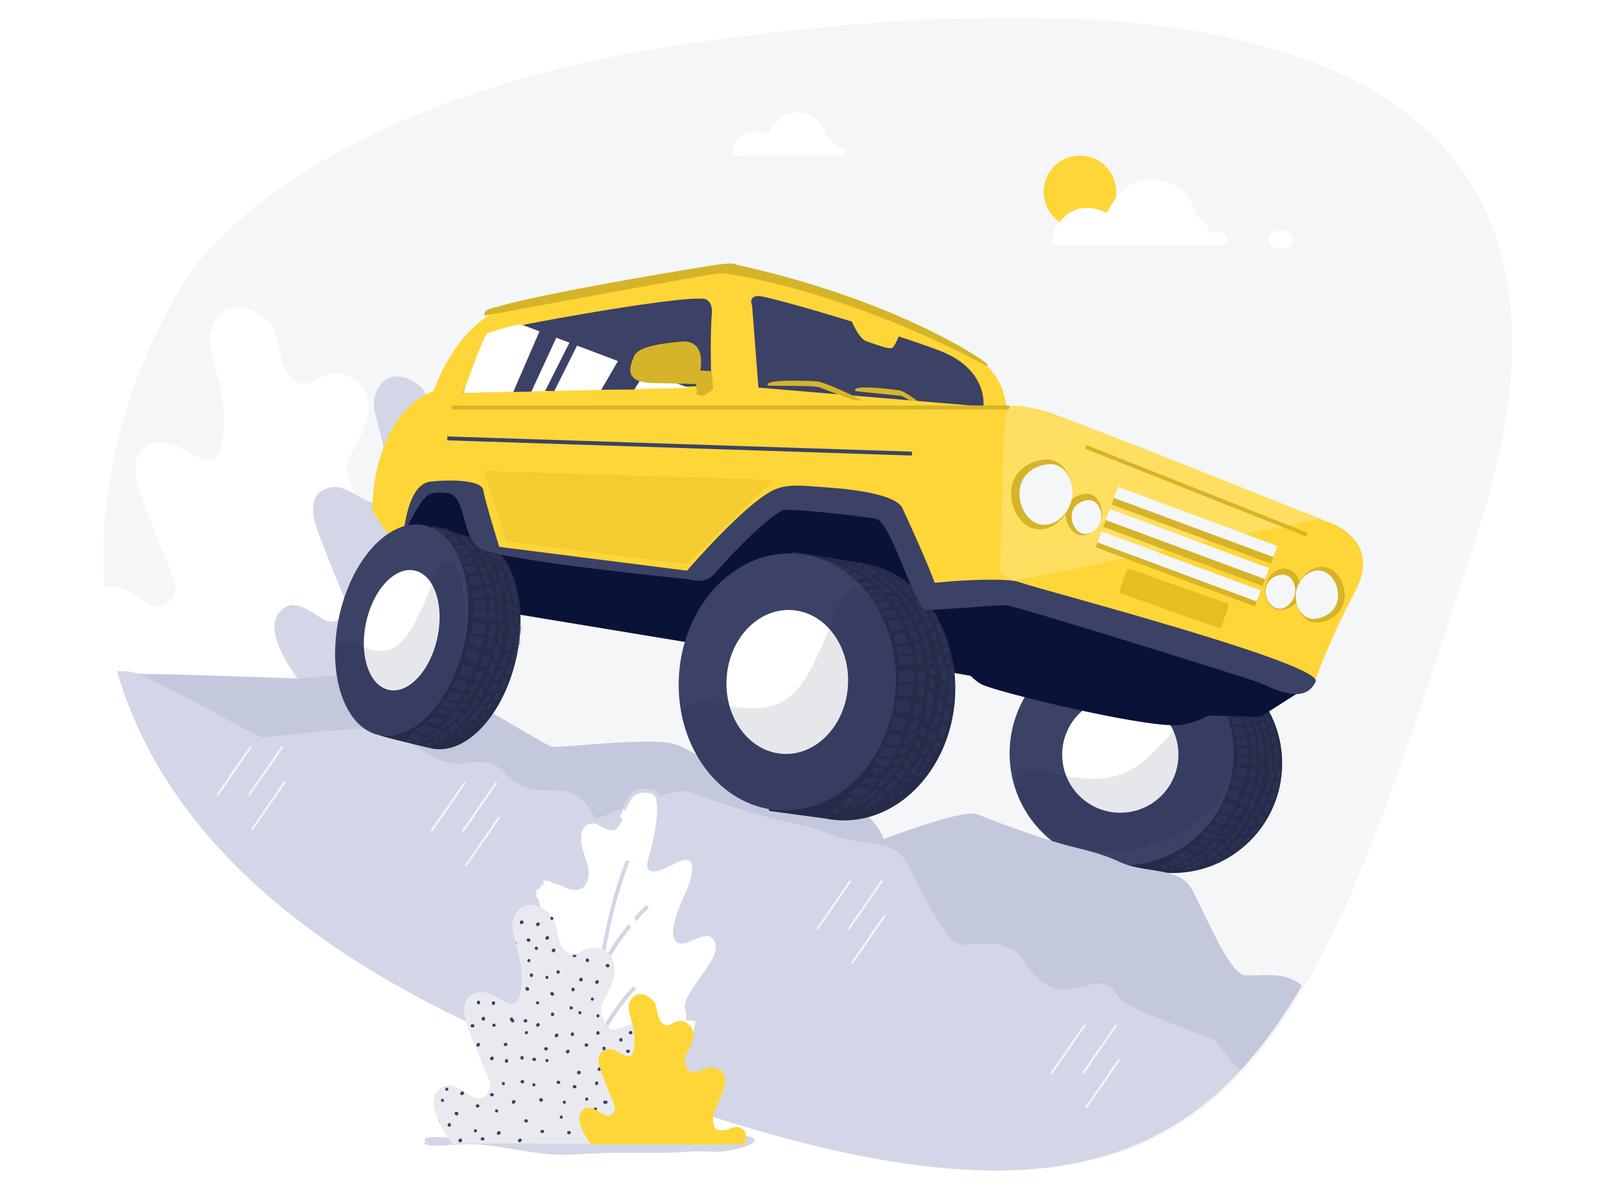 Arabam.com Illustrations travel car handmade illustration ui